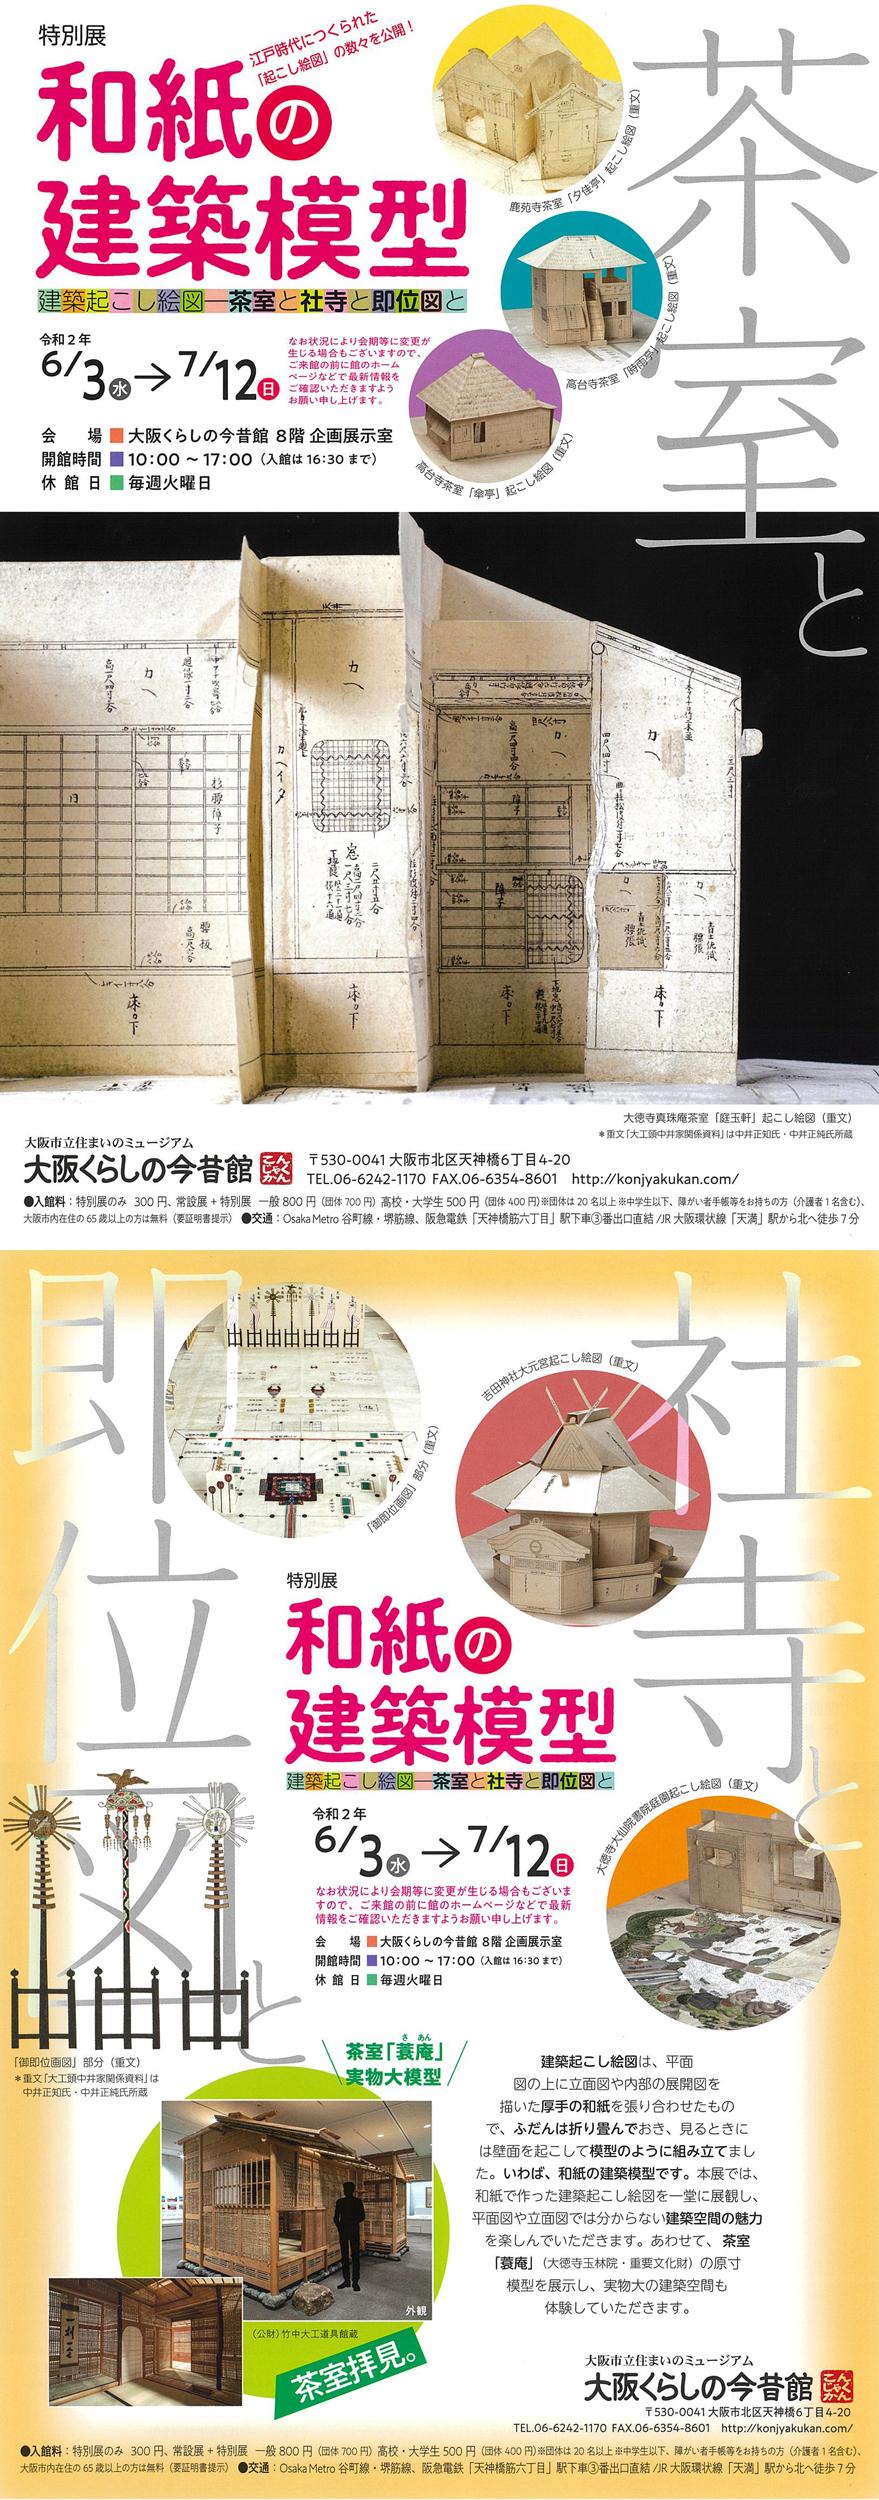 特別展「和紙の建築模型 建築起こし絵図―茶室と社寺と即位図と」